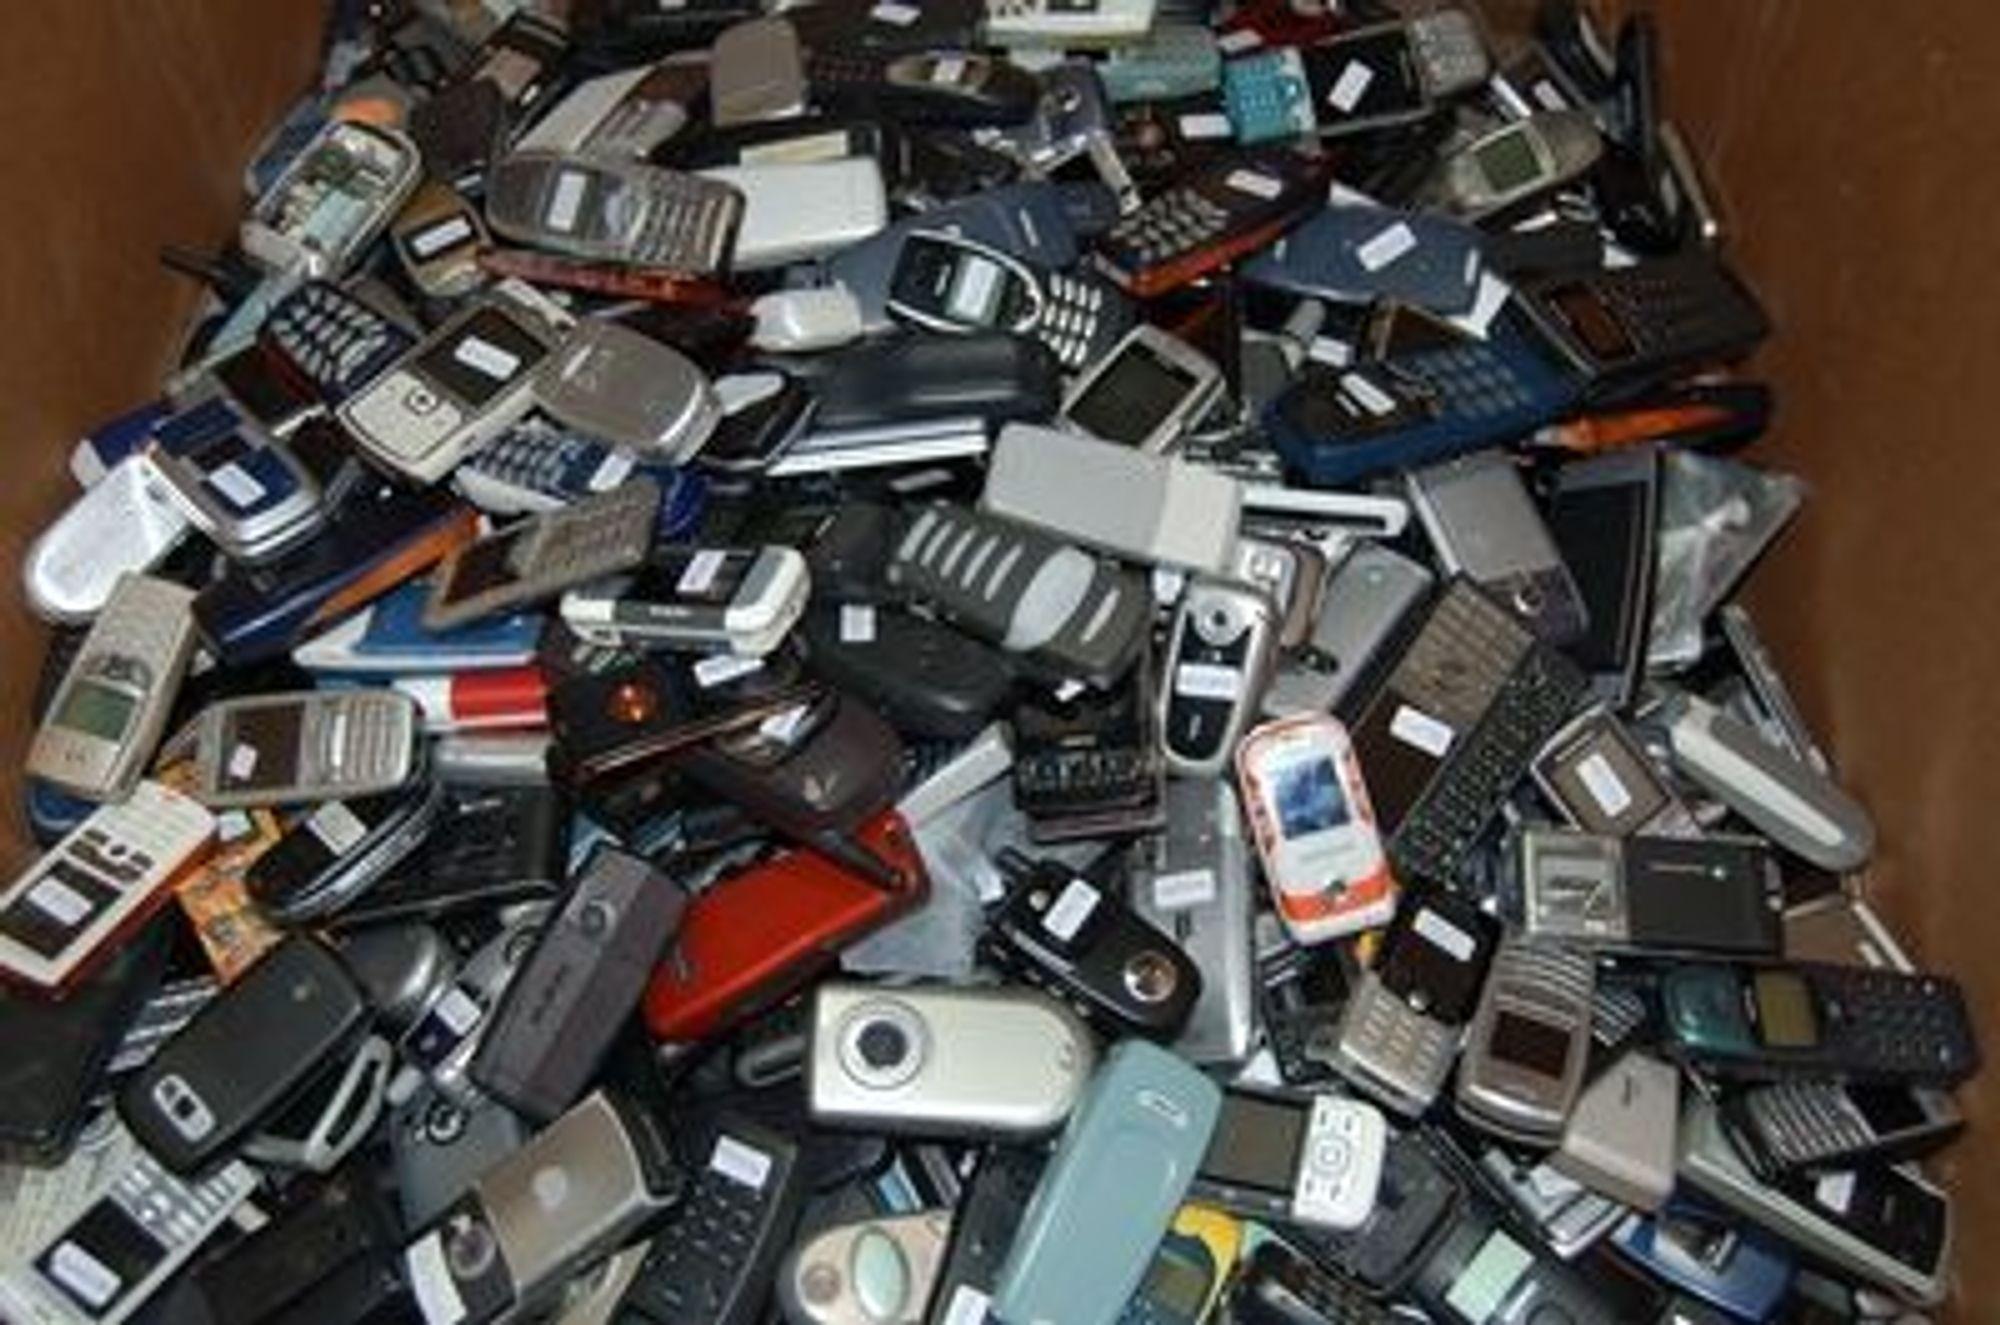 De første 500 idrettslagene som registrerer seg, kan tjene 35 kroner på hver gamle mobiltelefon i samler inn.